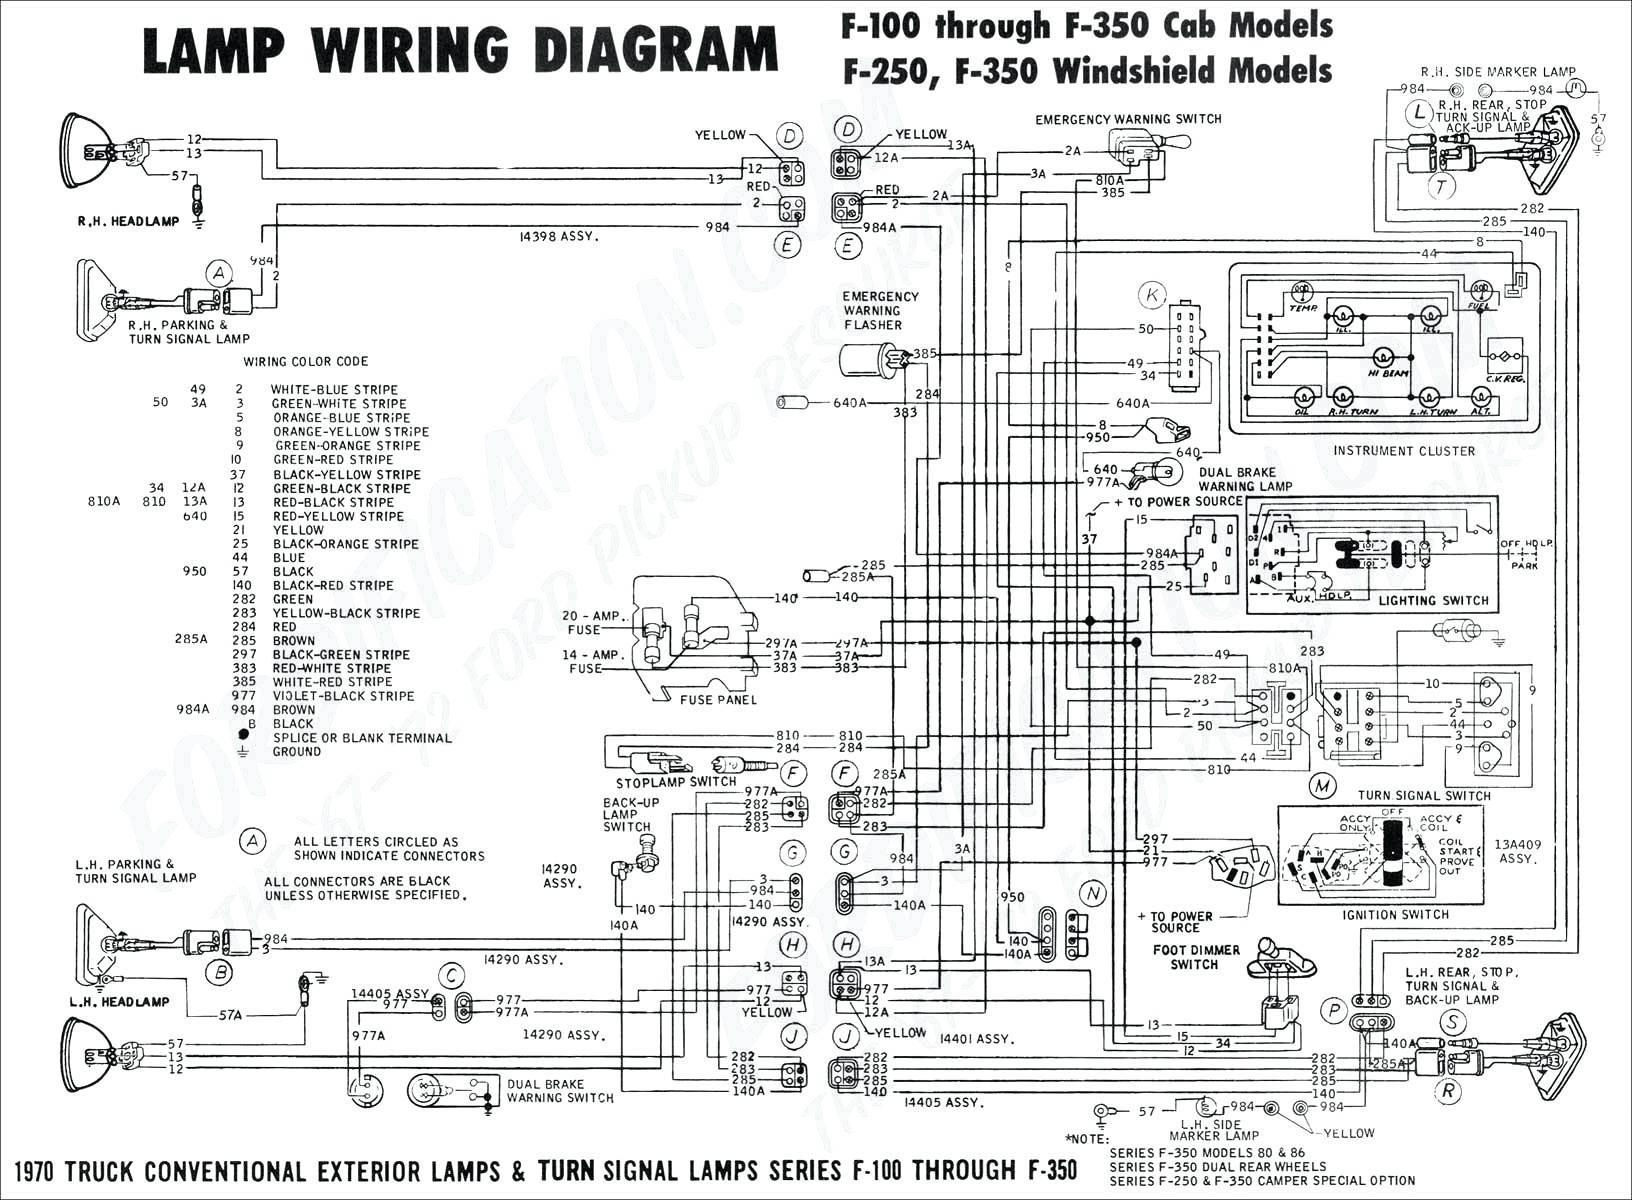 2005 Pt Cruiser Engine Diagram Chrysler Pt Cruiser 2001